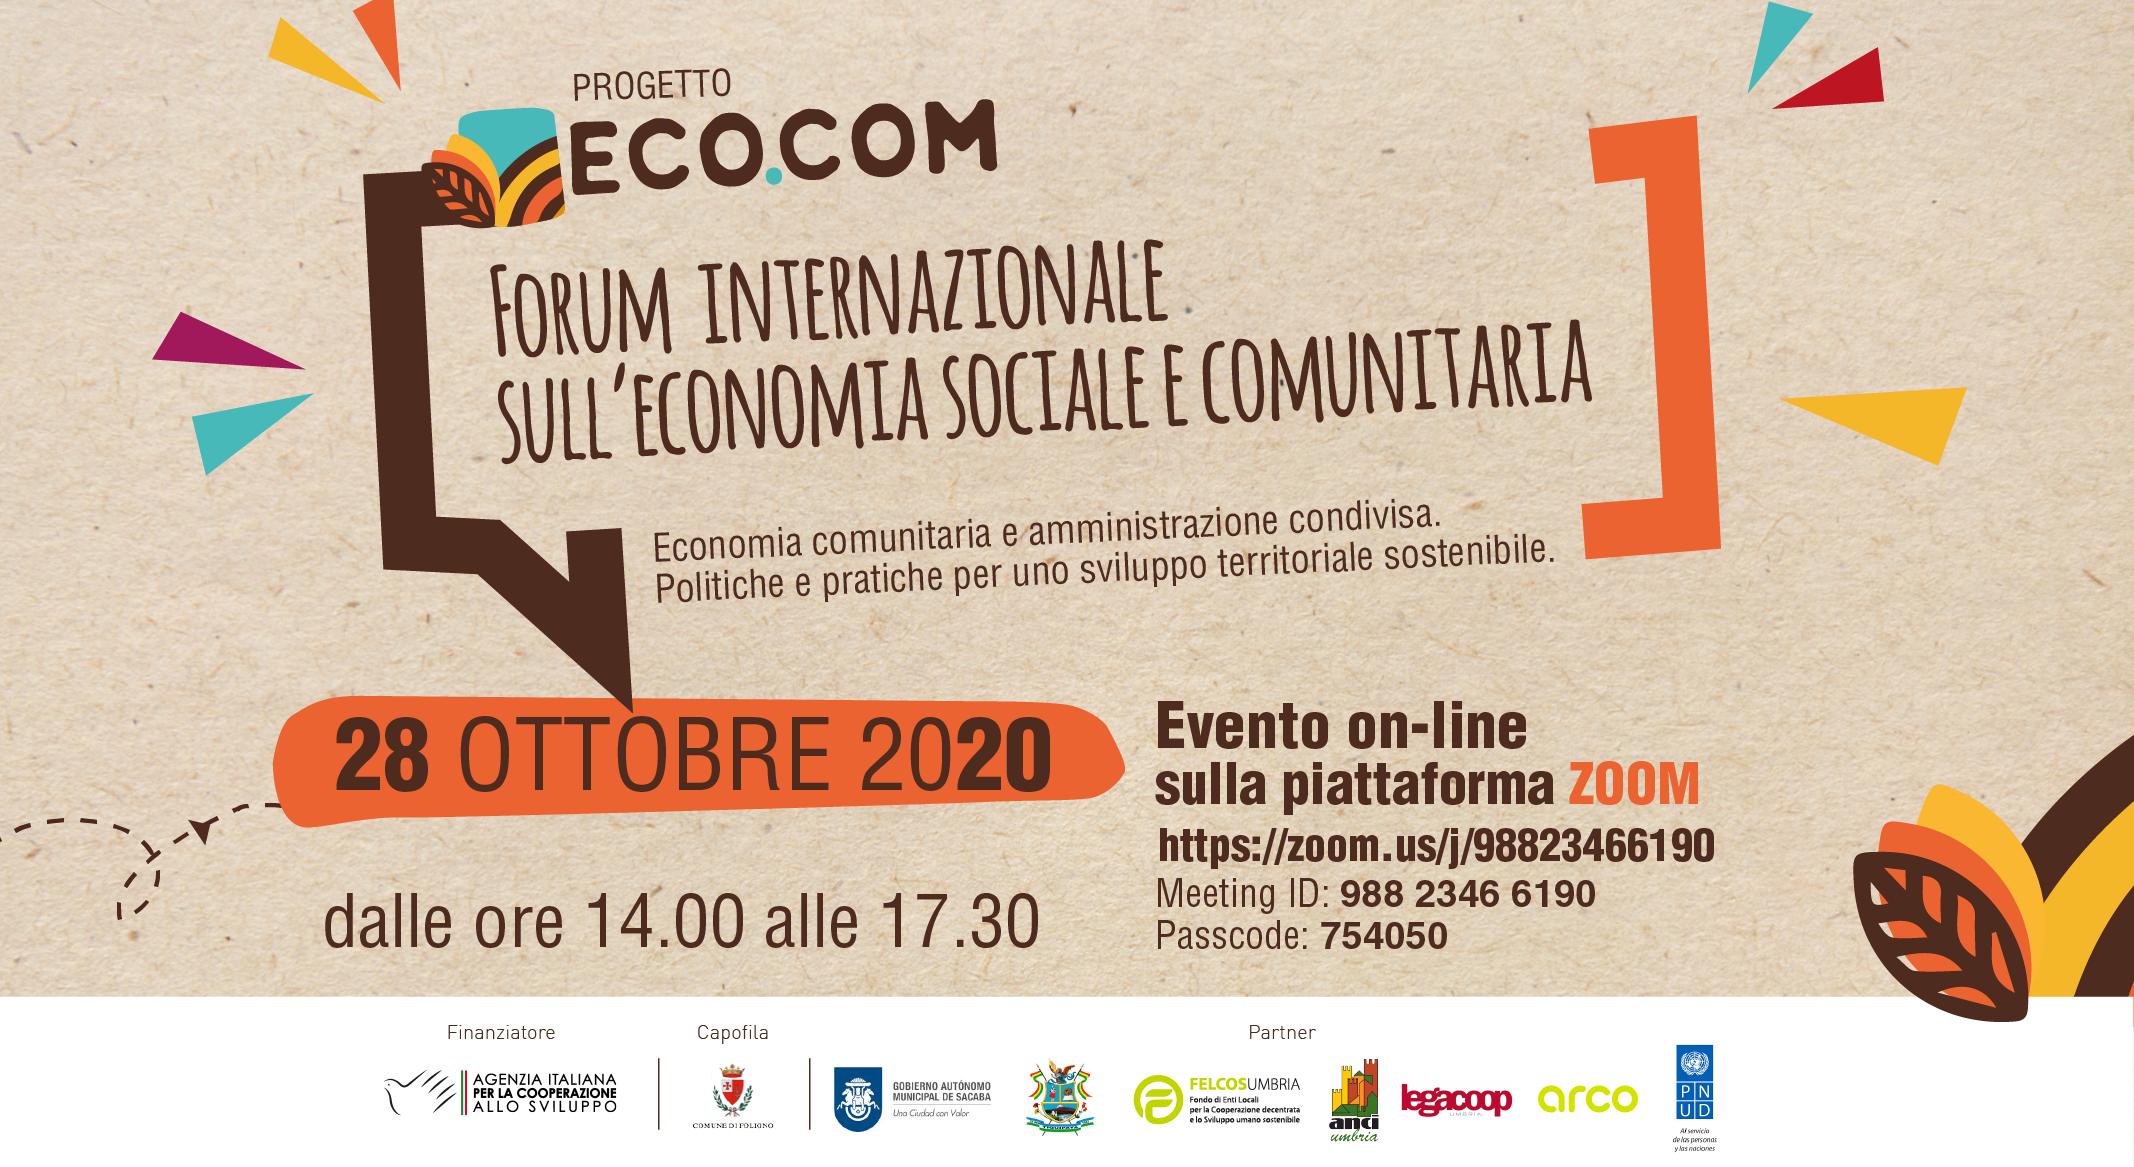 ECO COM forum sull'Economia Comunitaria bolivia valutazione